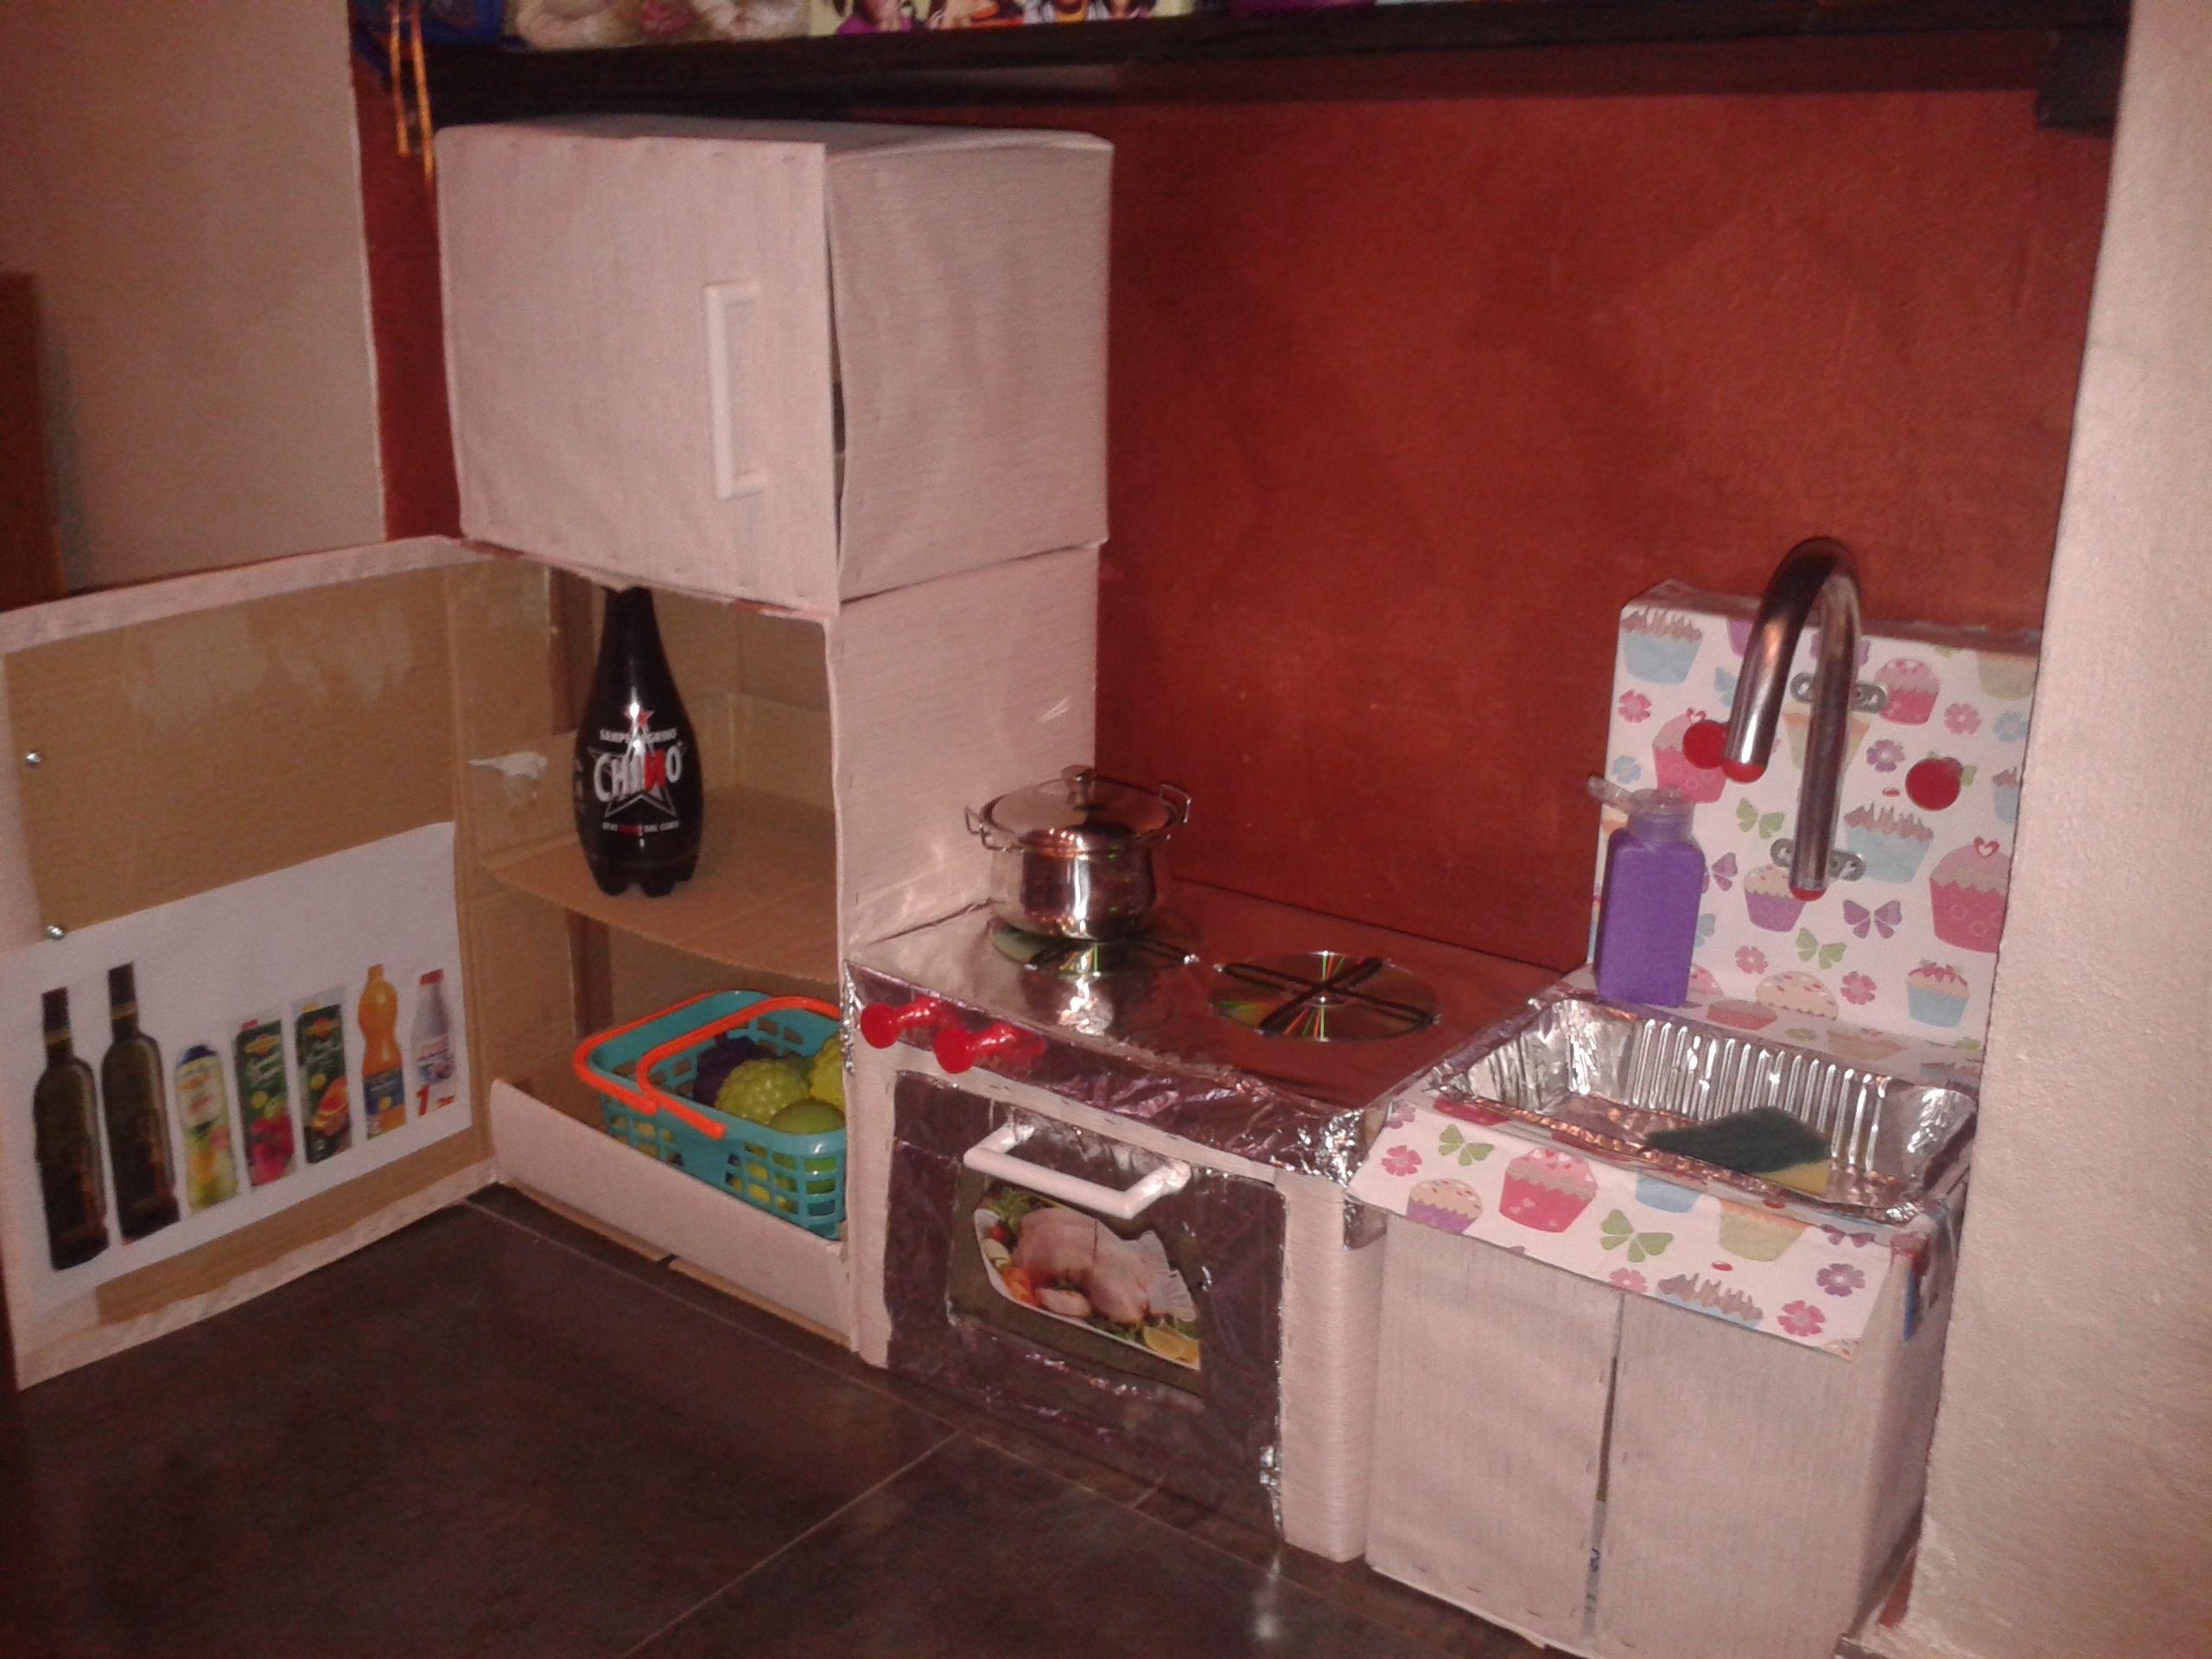 Giochi per bambini fai da te e riciclo creativo: cucina di cartone ...